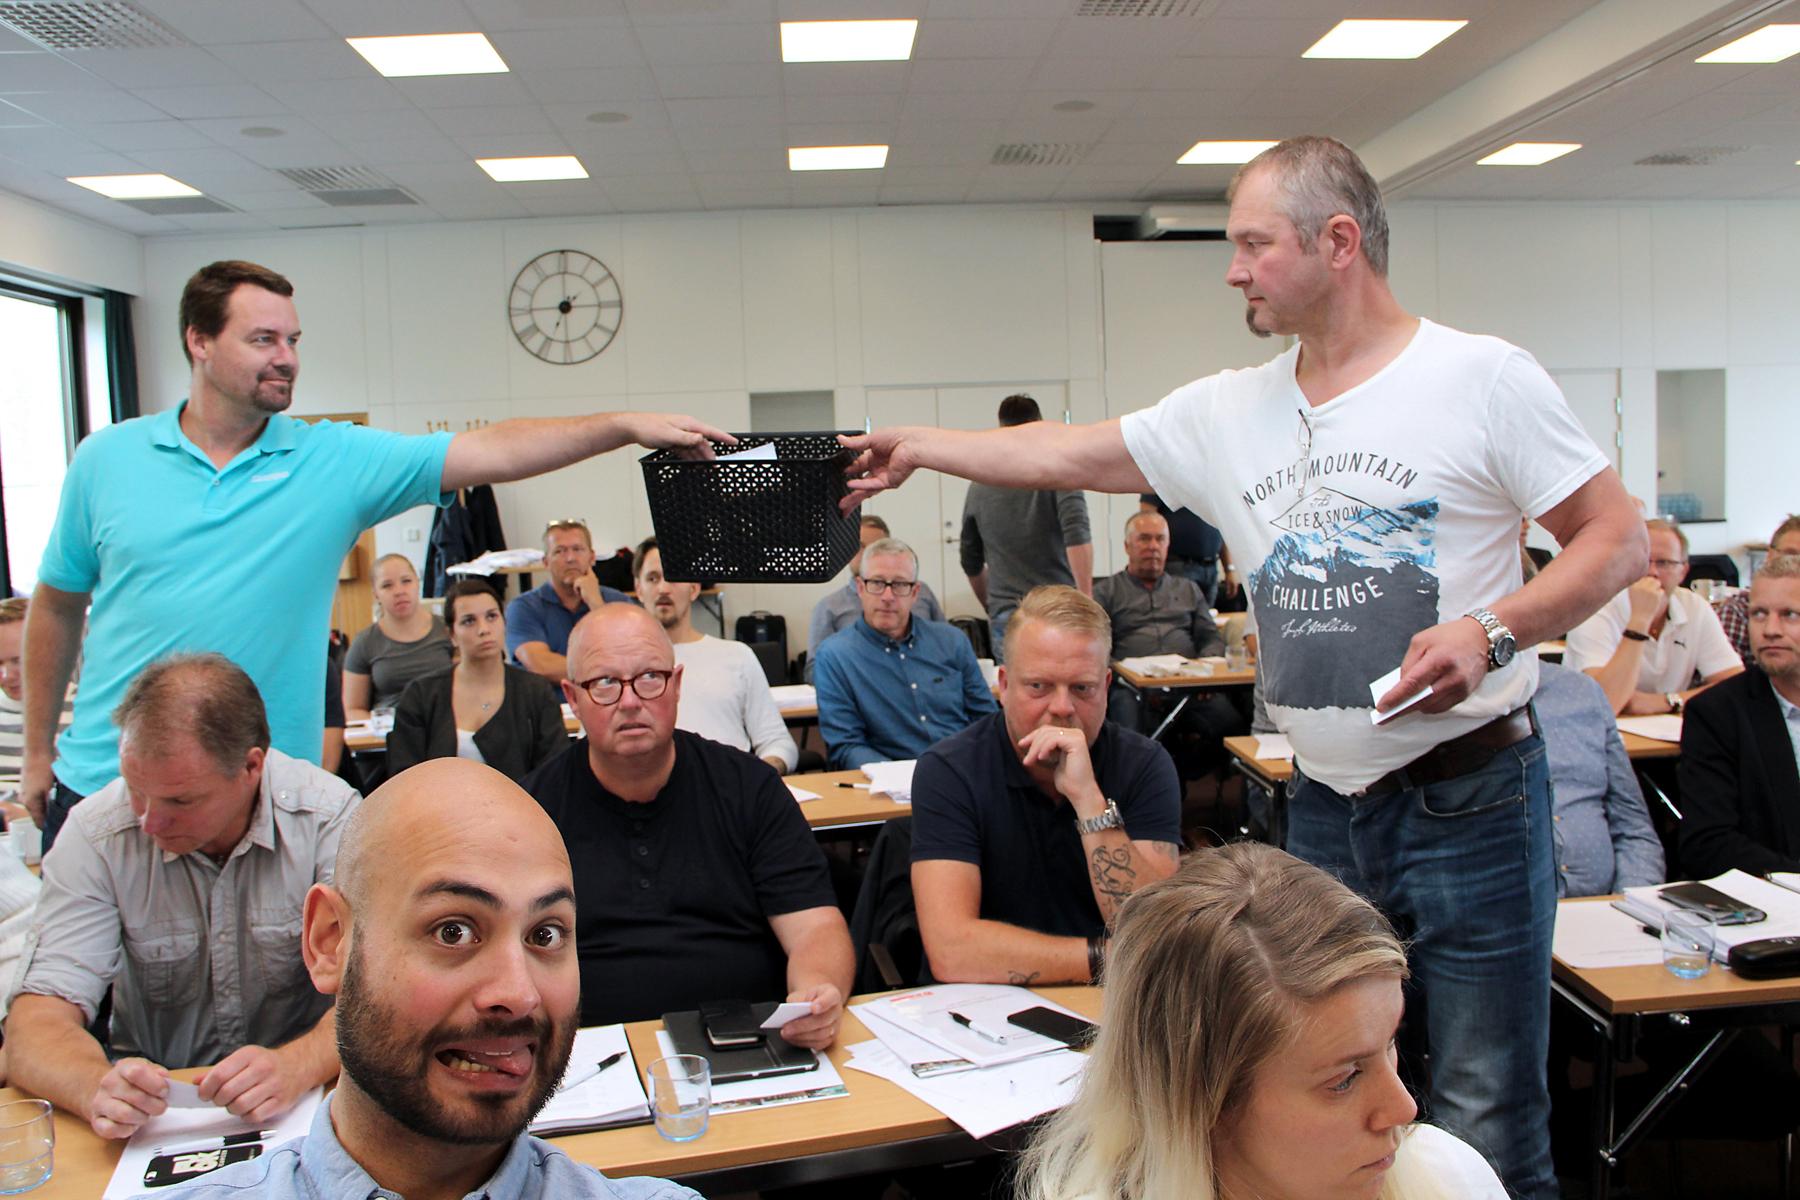 48 ledamöter röstade för att Målareförbundet ska organisera sig under ett huvudmannaskap. 27 ledamöter röstade emot. Foto: Helena Forsberg